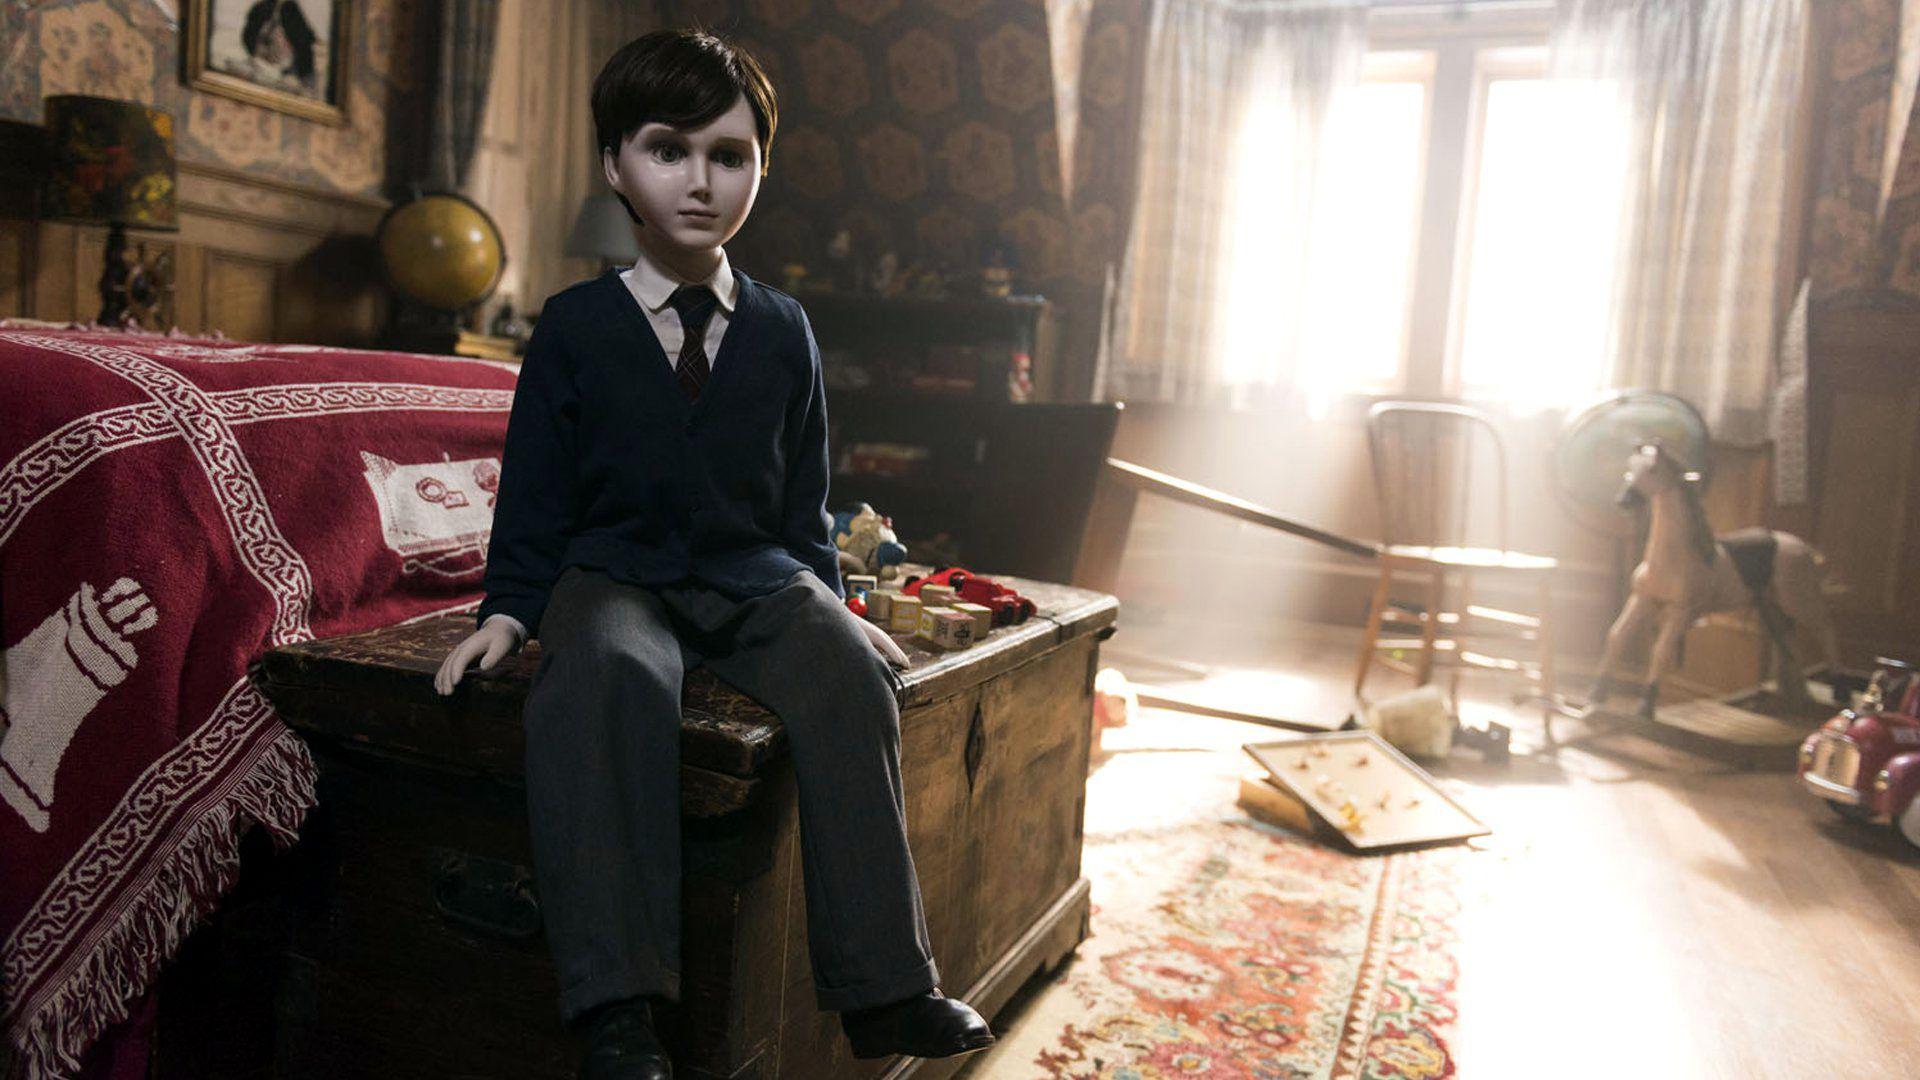 'The Boy 2' ya tiene al niño protagonista  - Secuela de la película 'The Boy' en marcha